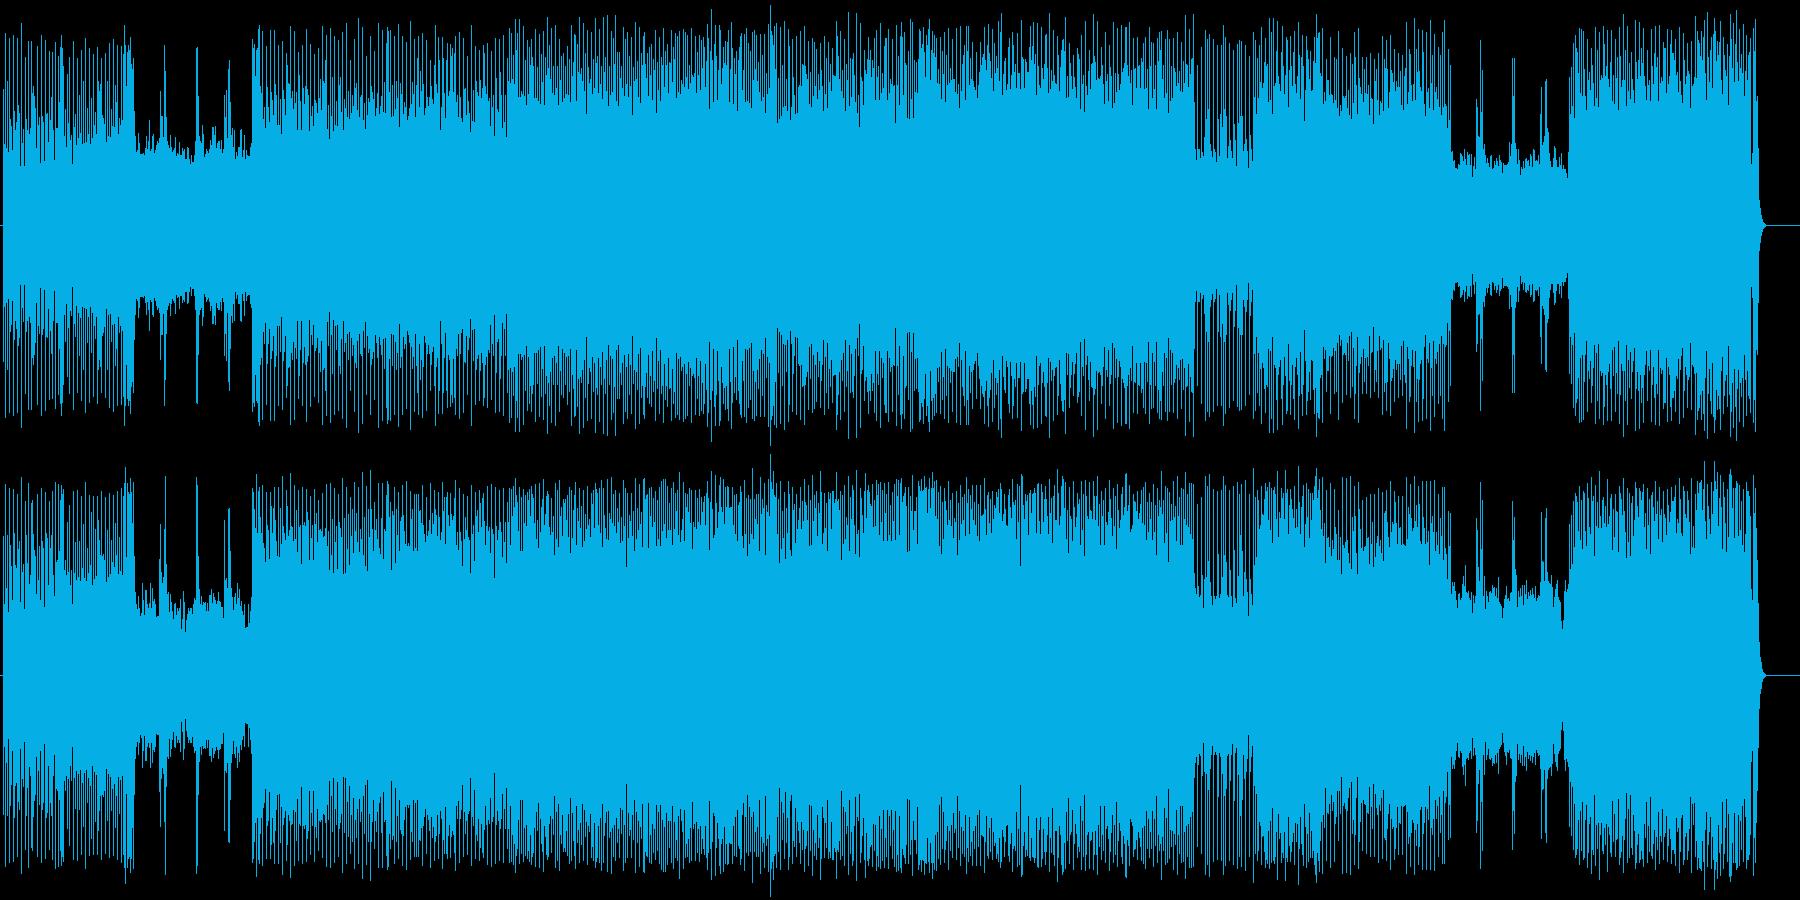 白熱のファイナル・カウント・ダウンの再生済みの波形